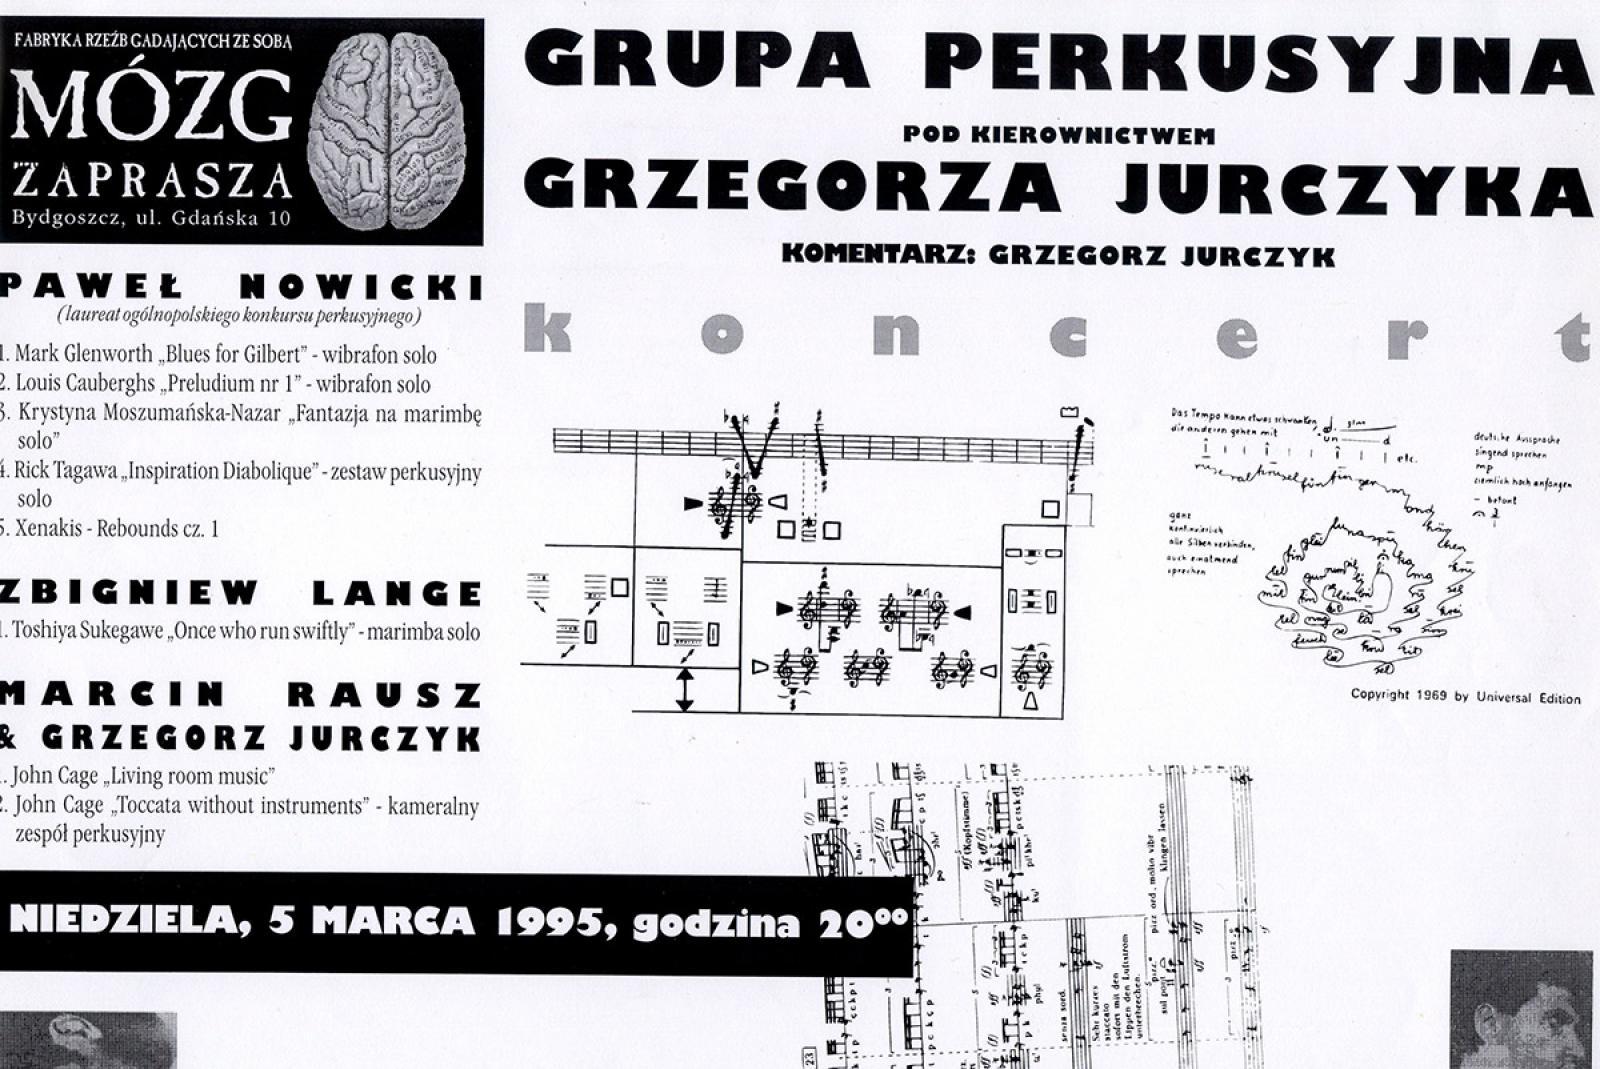 Grupa perkusyjna pod kierownictwem Grzegorza Jurczyka